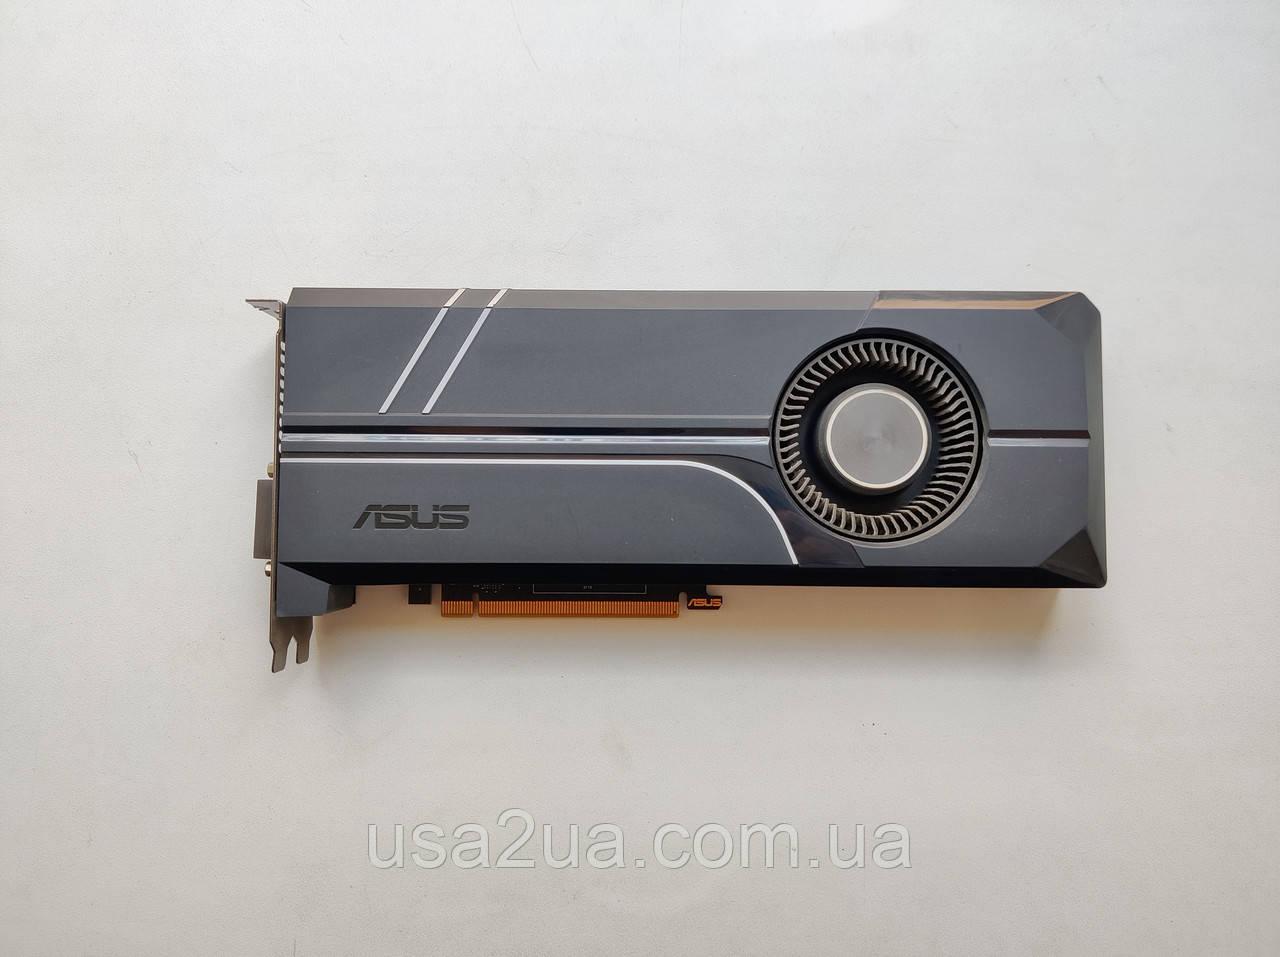 Видеокарта ASUS GeForce GTX 1070 8GB 256 BIT gddr5 гарантия кредит